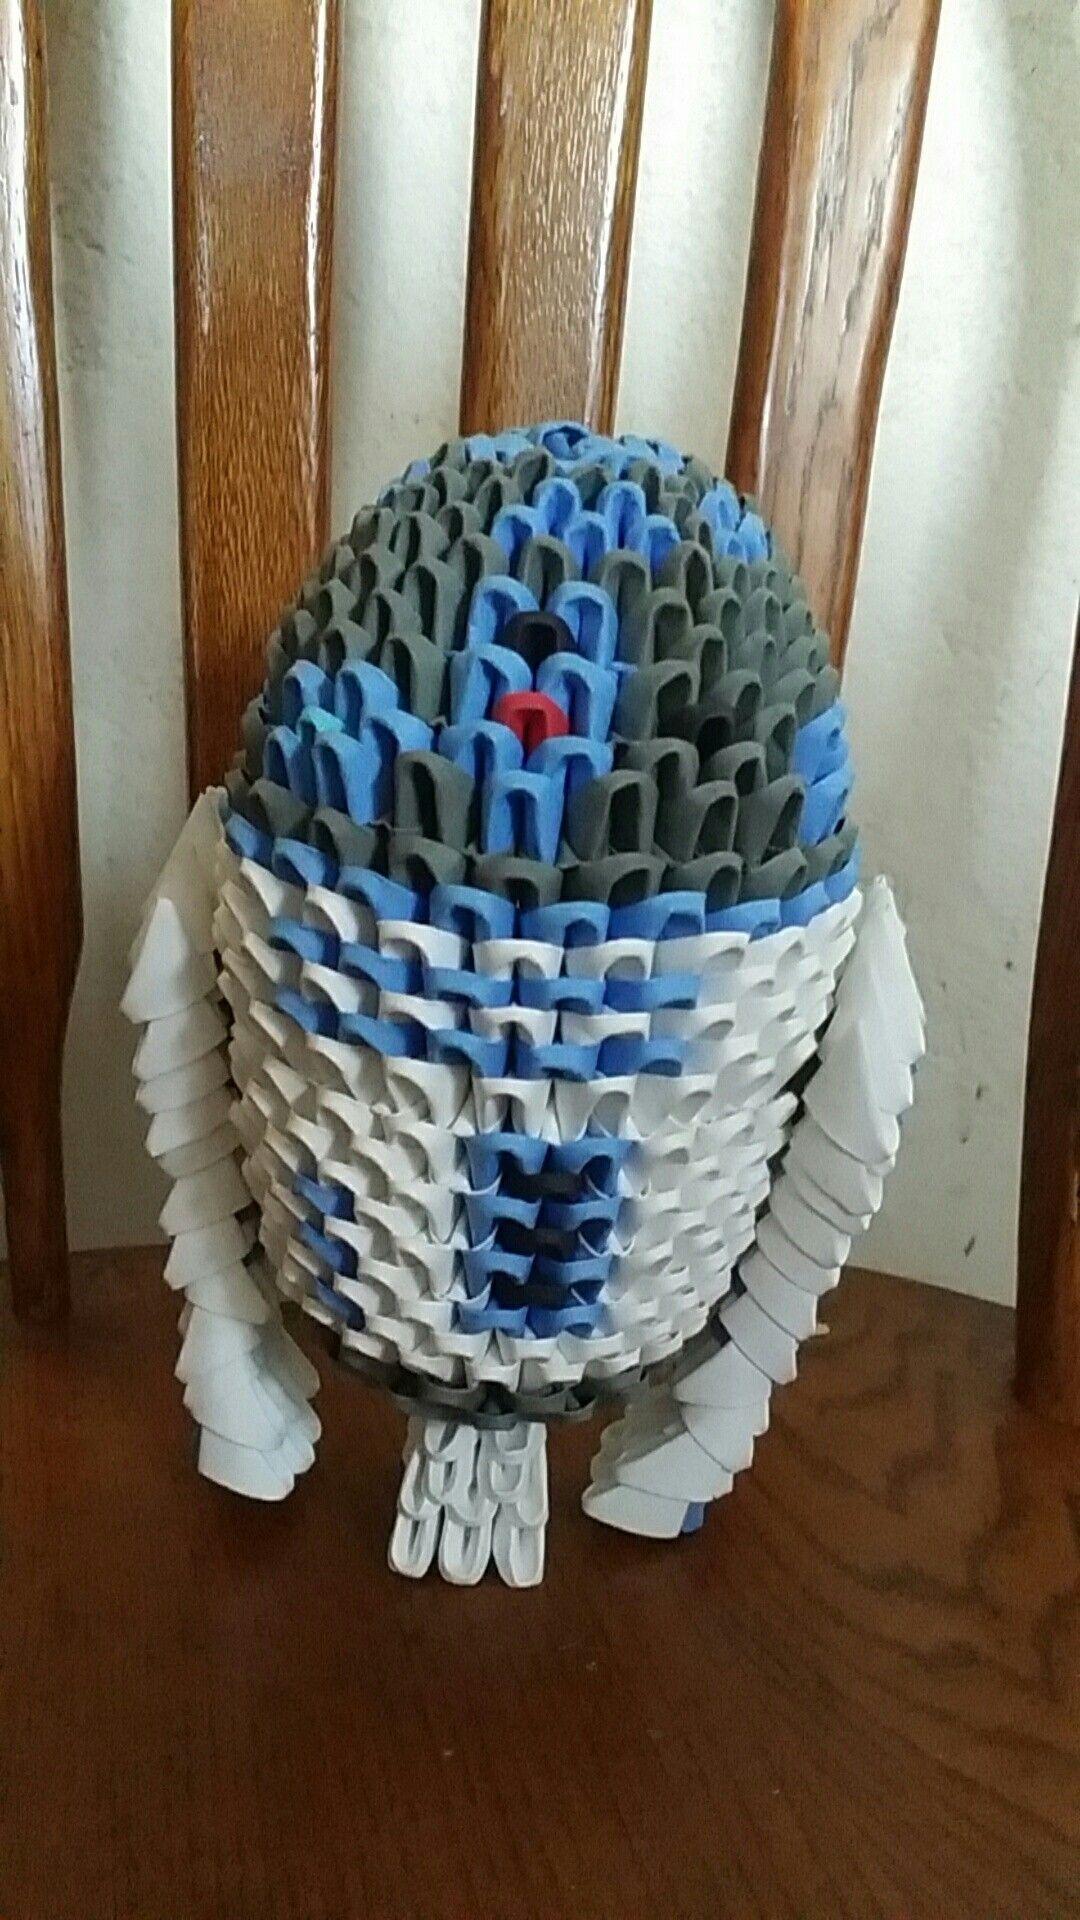 3d origami r2d2 3d origami pinterest 3d origami origami and 3d 3d origami r2d2 jeuxipadfo Images